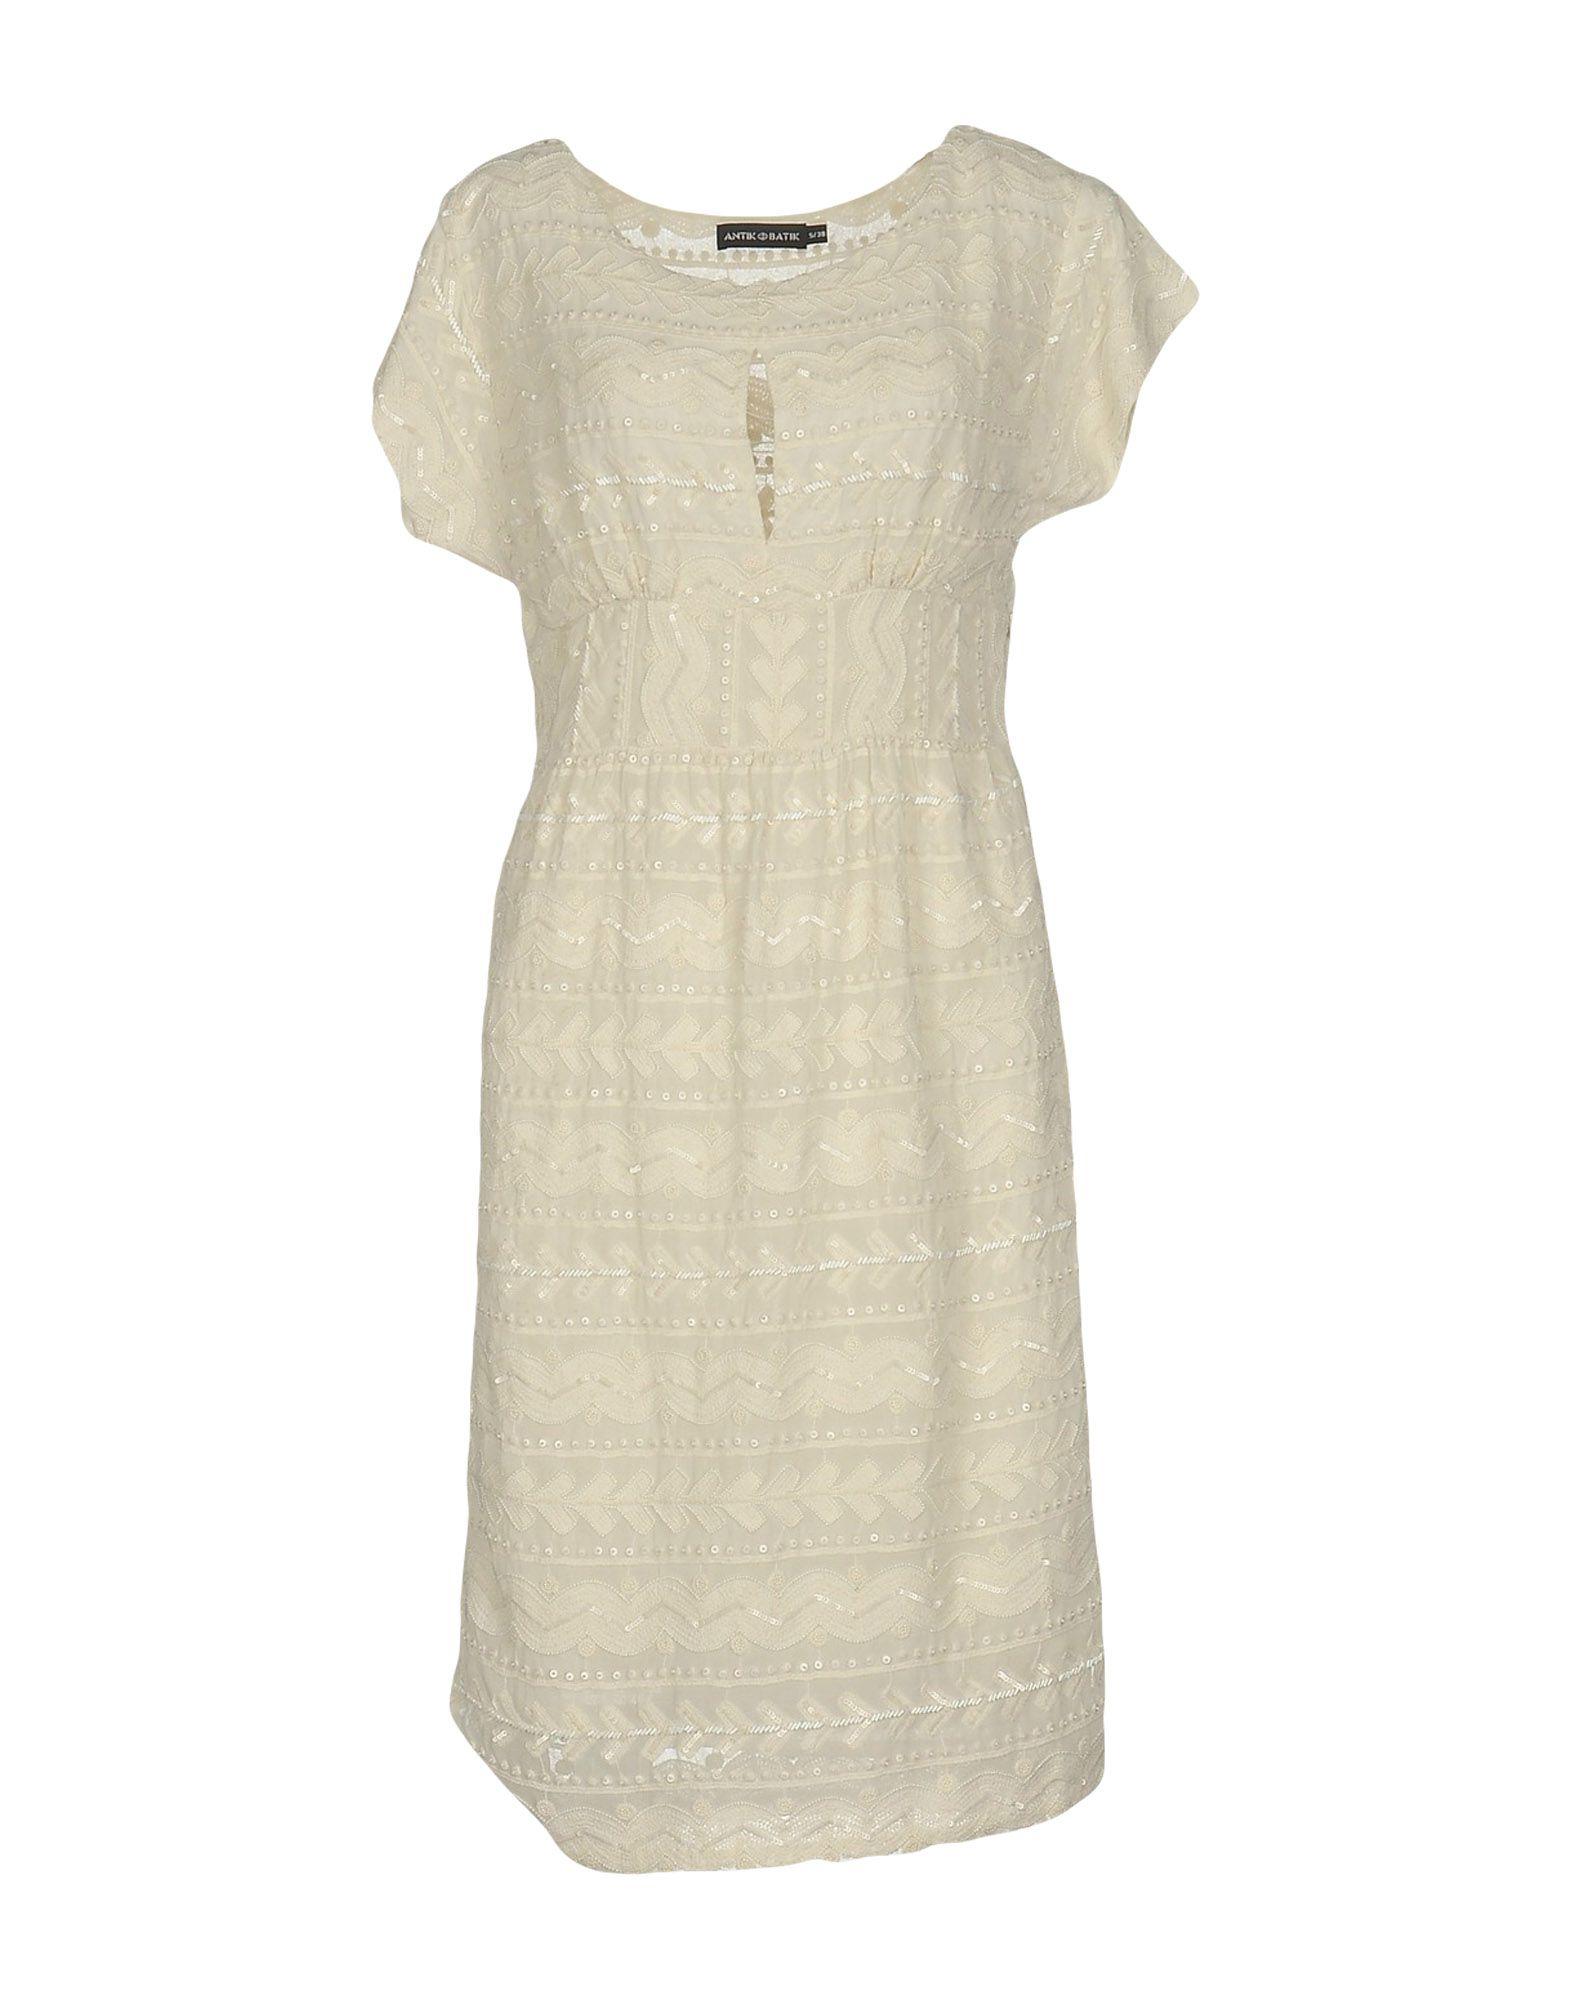 ANTIK BATIK Короткое платье batik batik зимний комплект маруся 350 200гр сиреневый